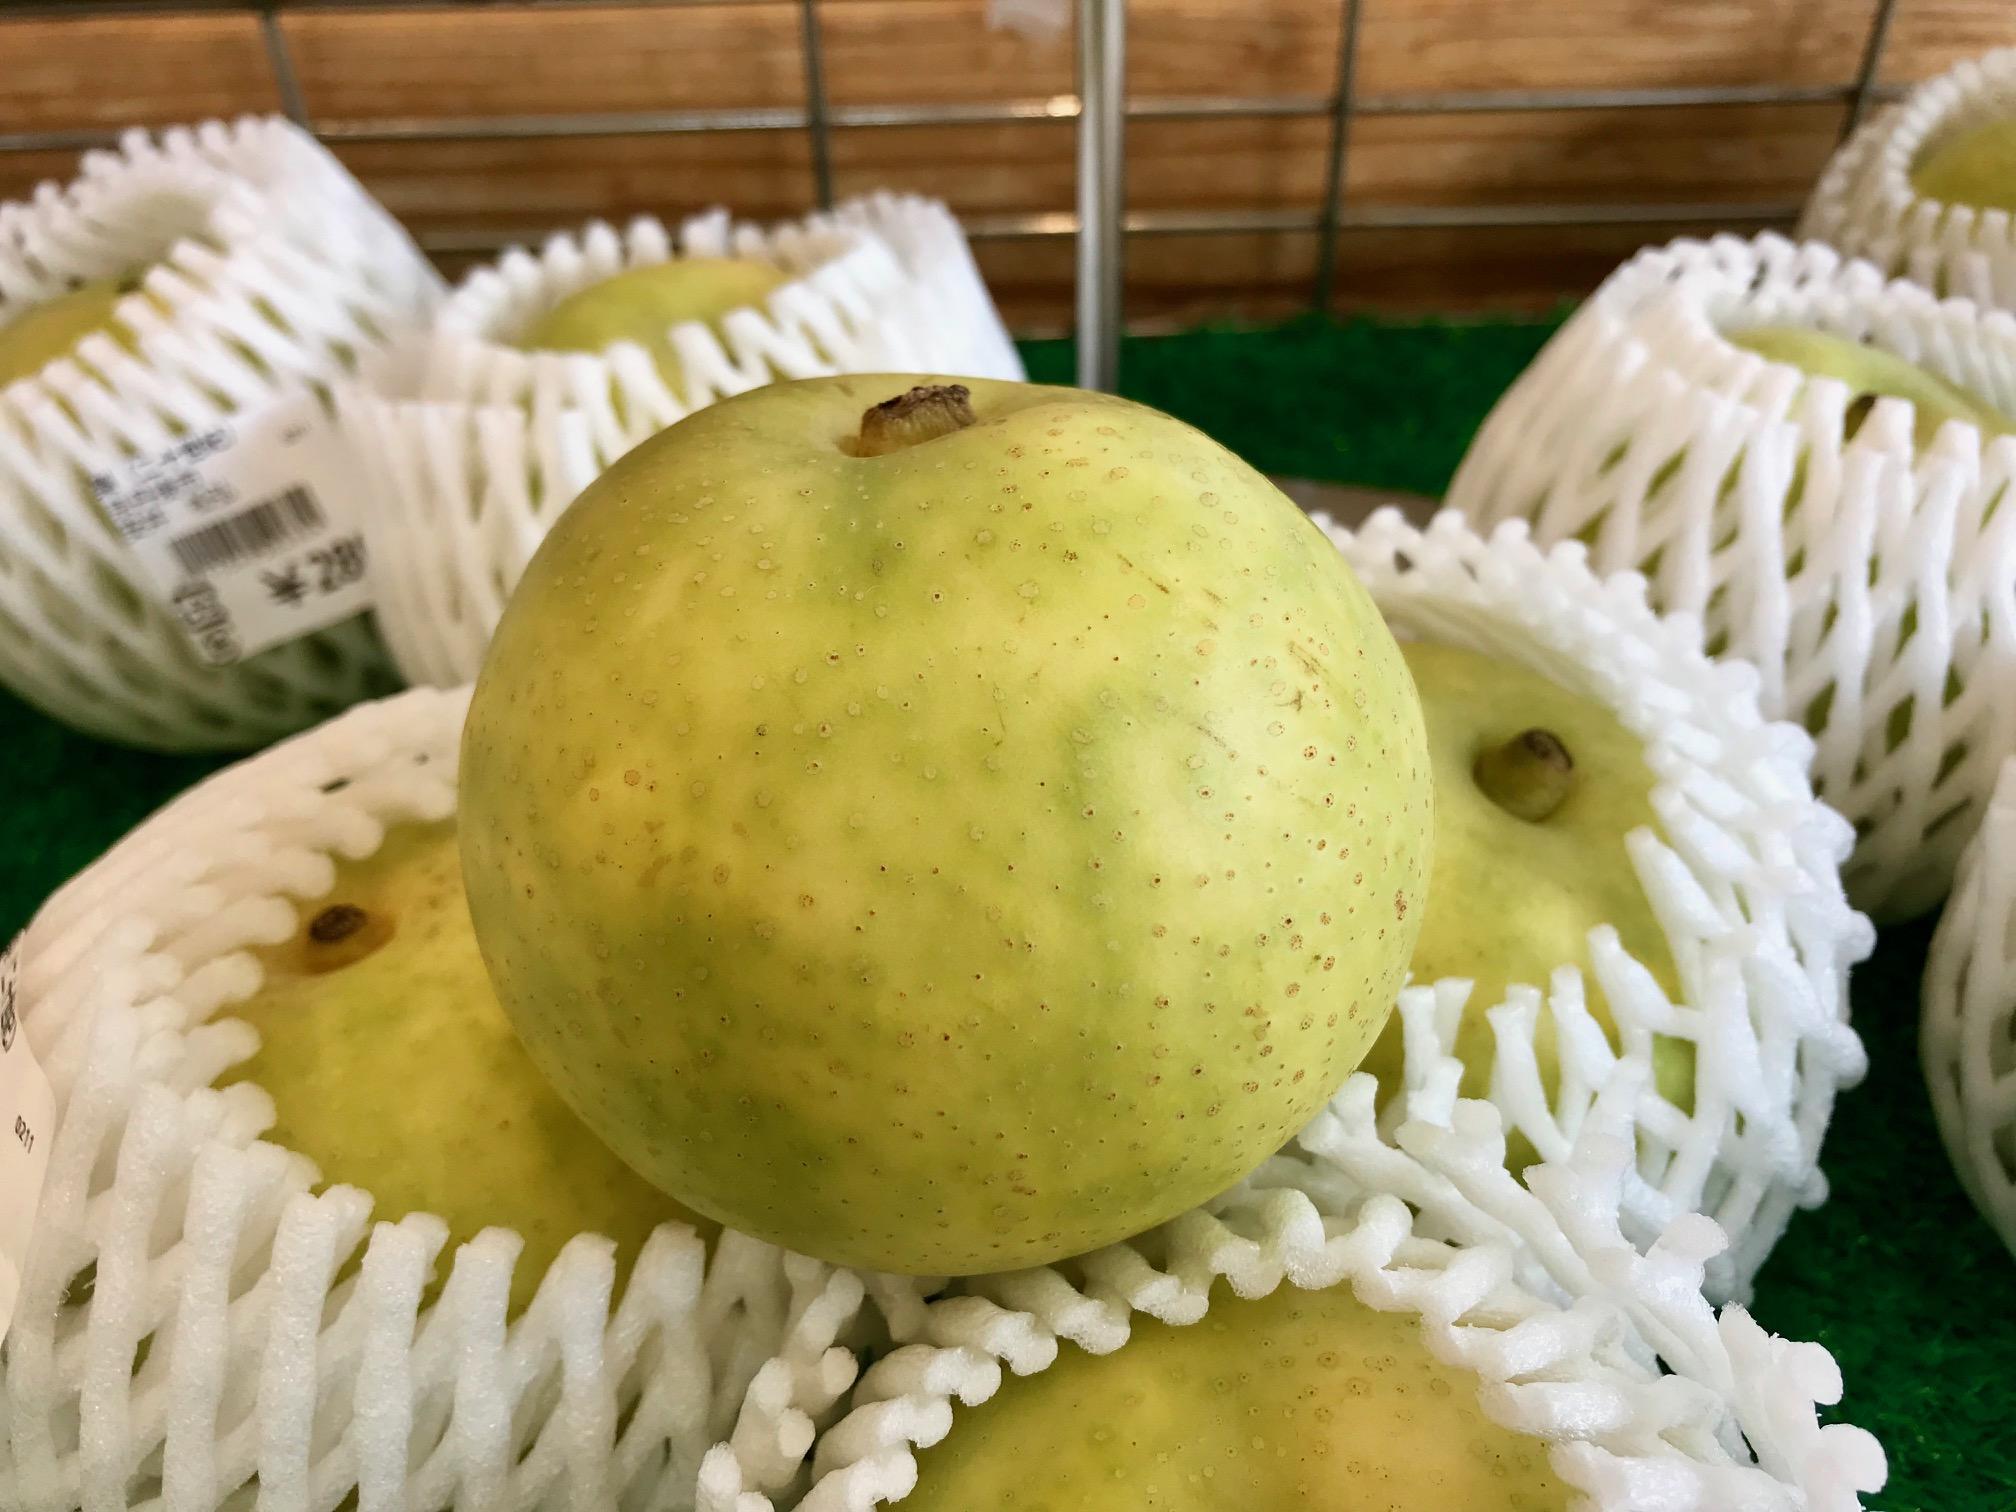 京丹後産の梨が入っています